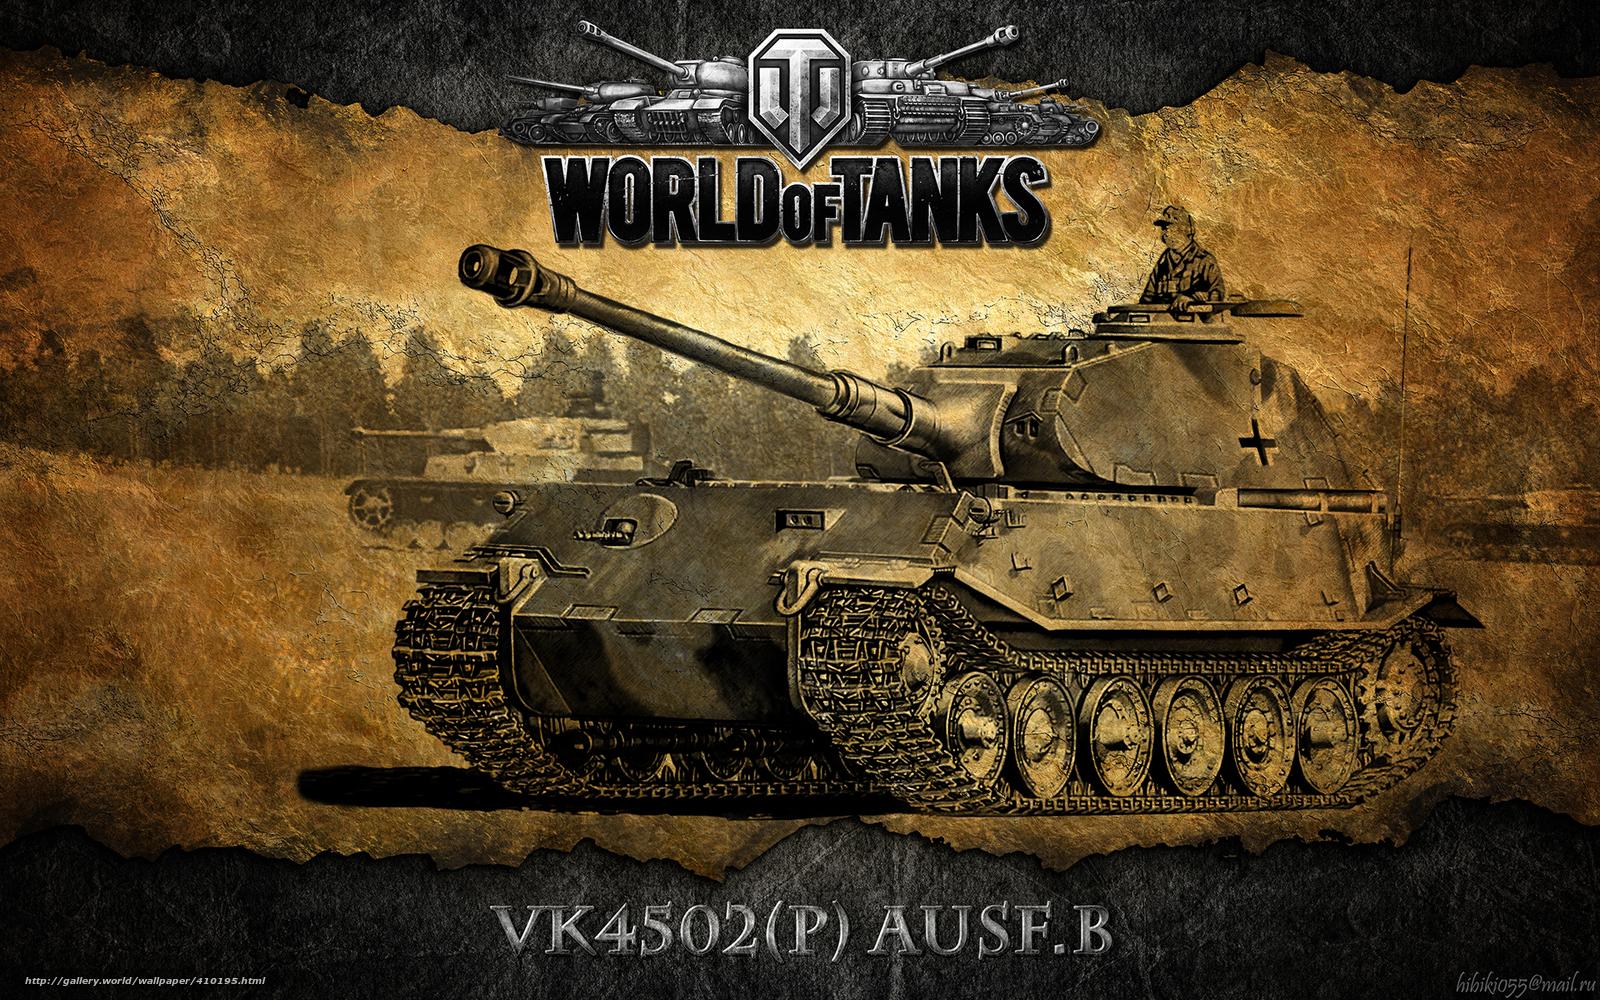 Скачать обои для рабочего стола танки world of tanks 13